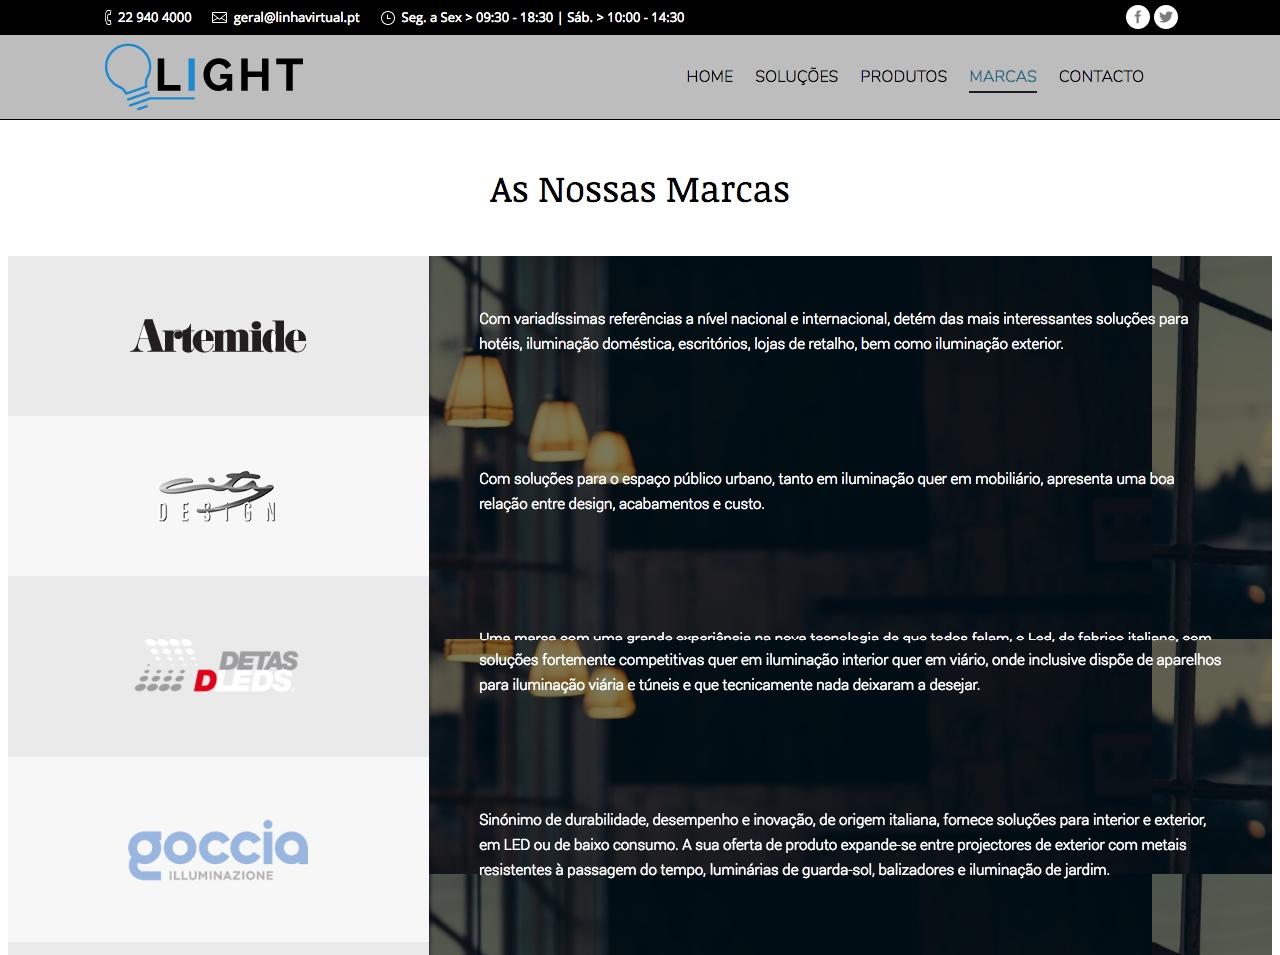 Modelos de Website Iluminação Marcas Linha Virtual